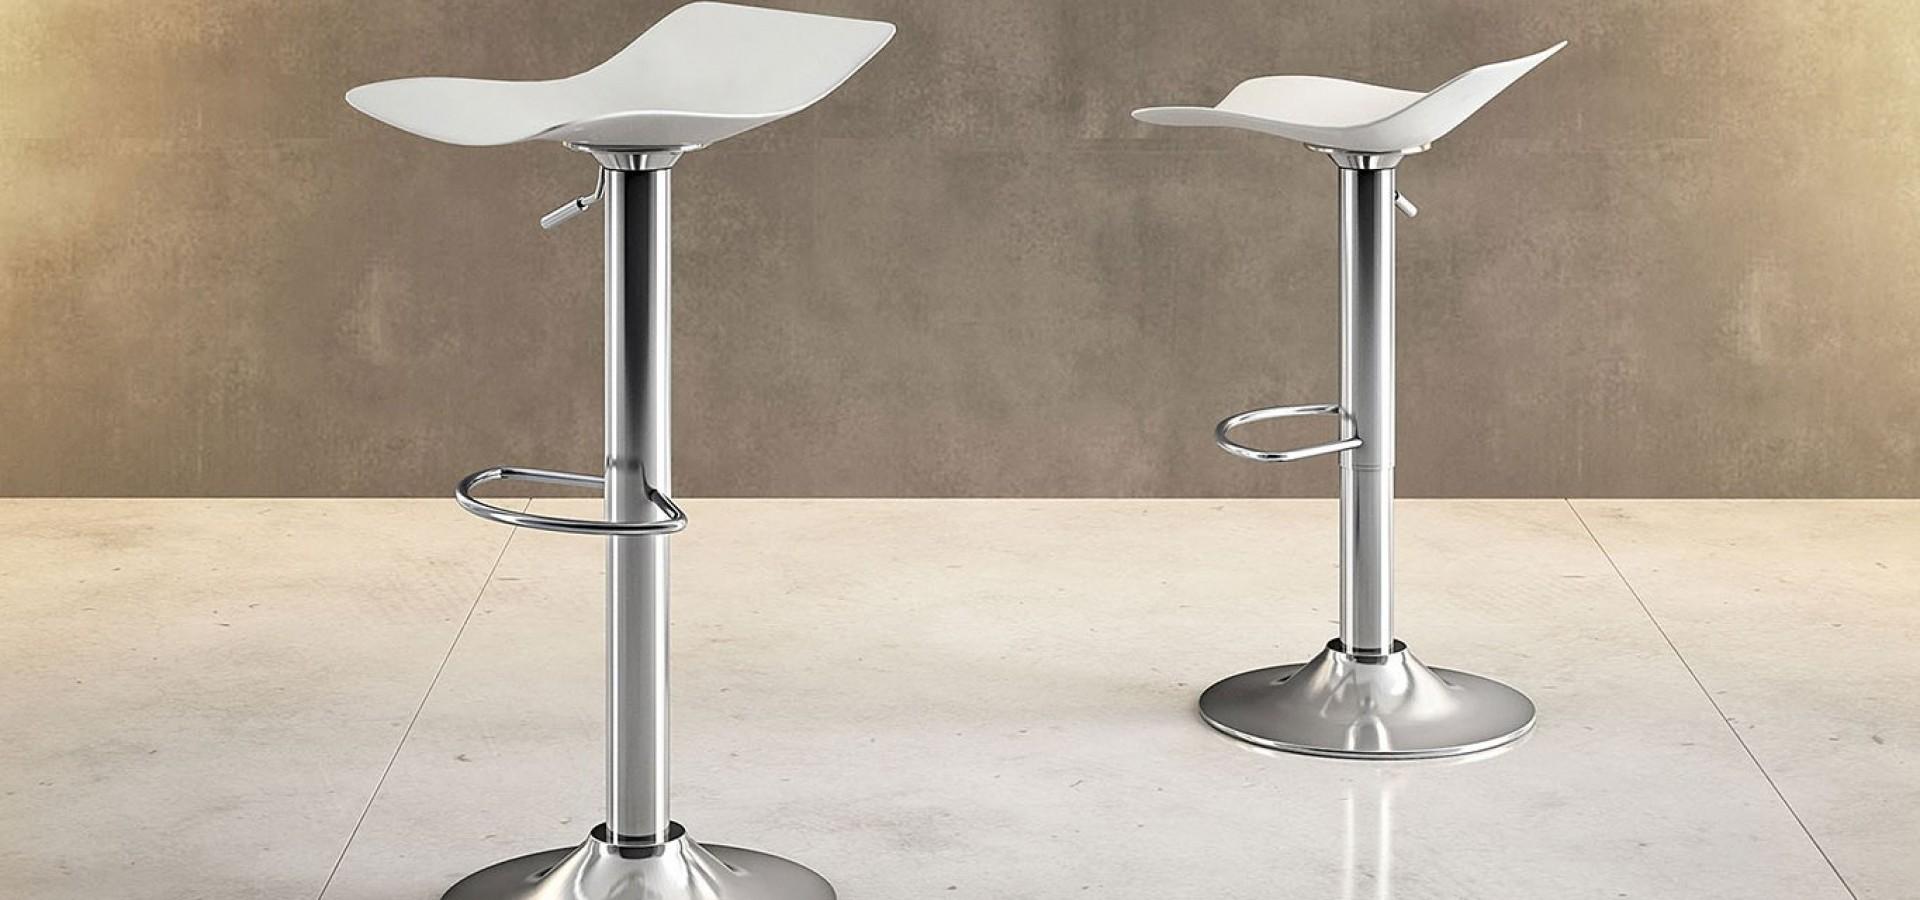 Итальянский стул Барный стул Velo | Стул Барный стул Velo ARREDO3